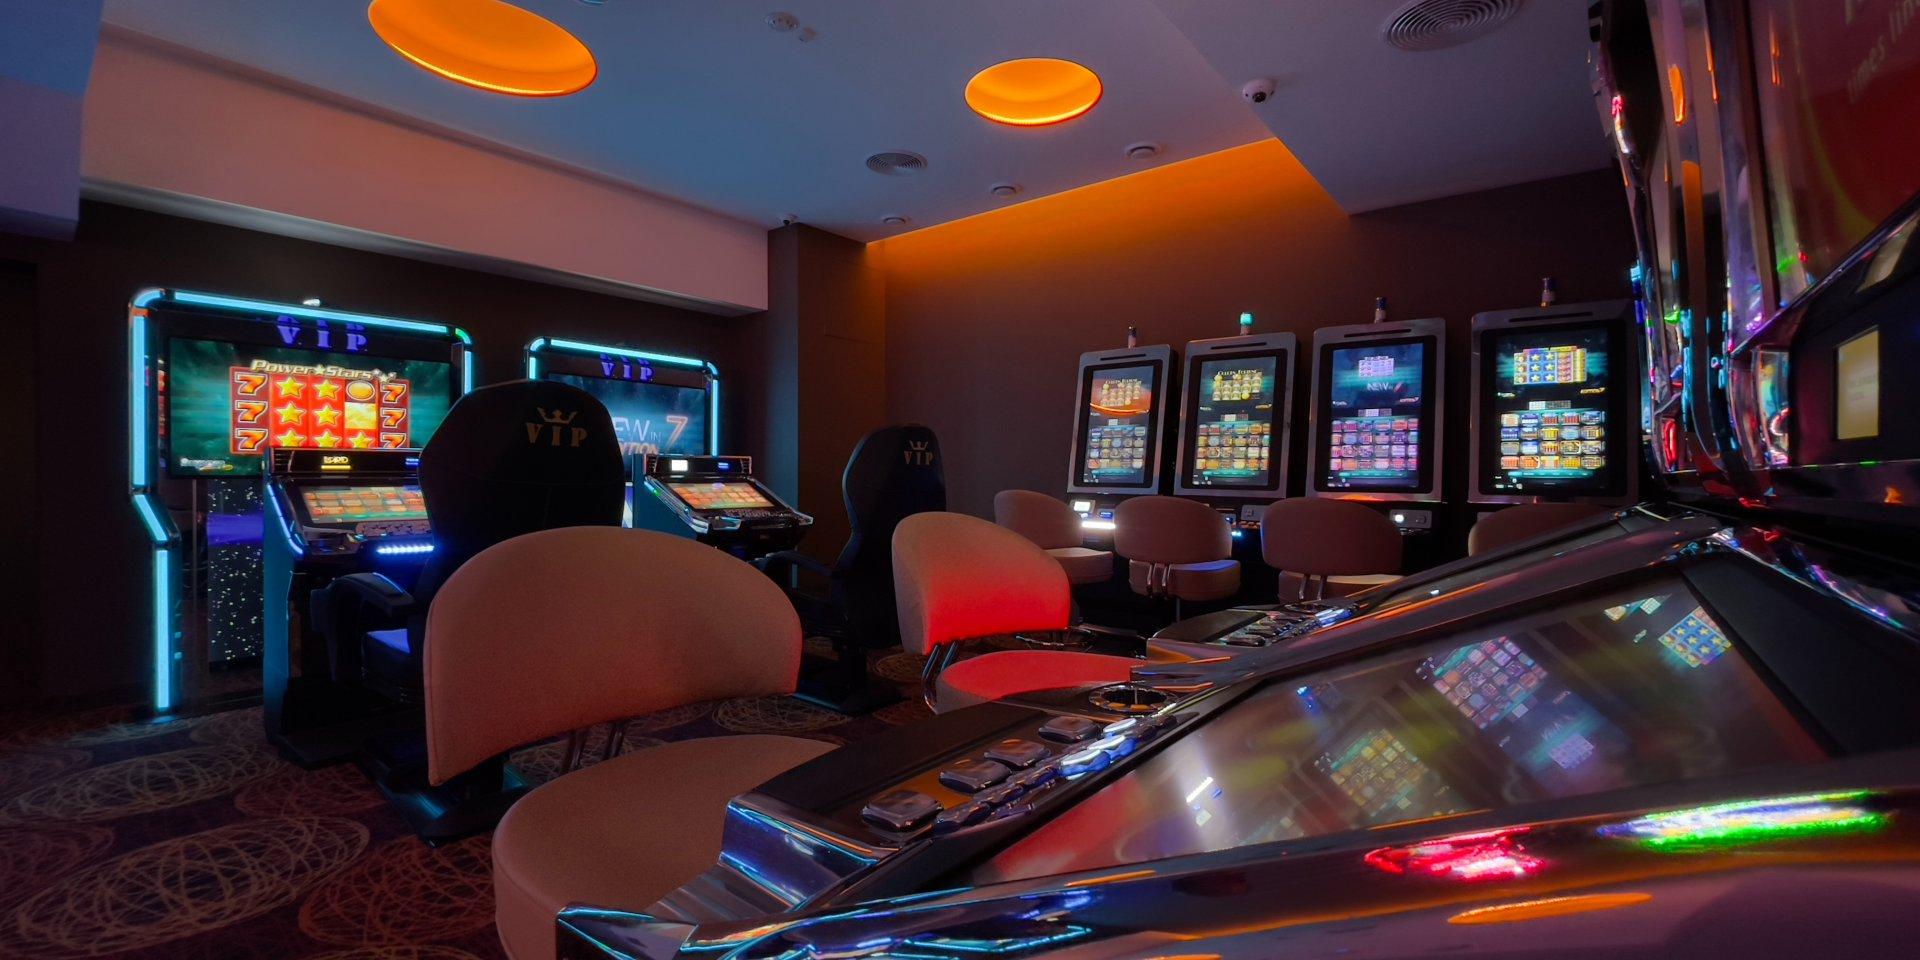 Первый зал игровых автоматов «LORD» открылся в Киеве